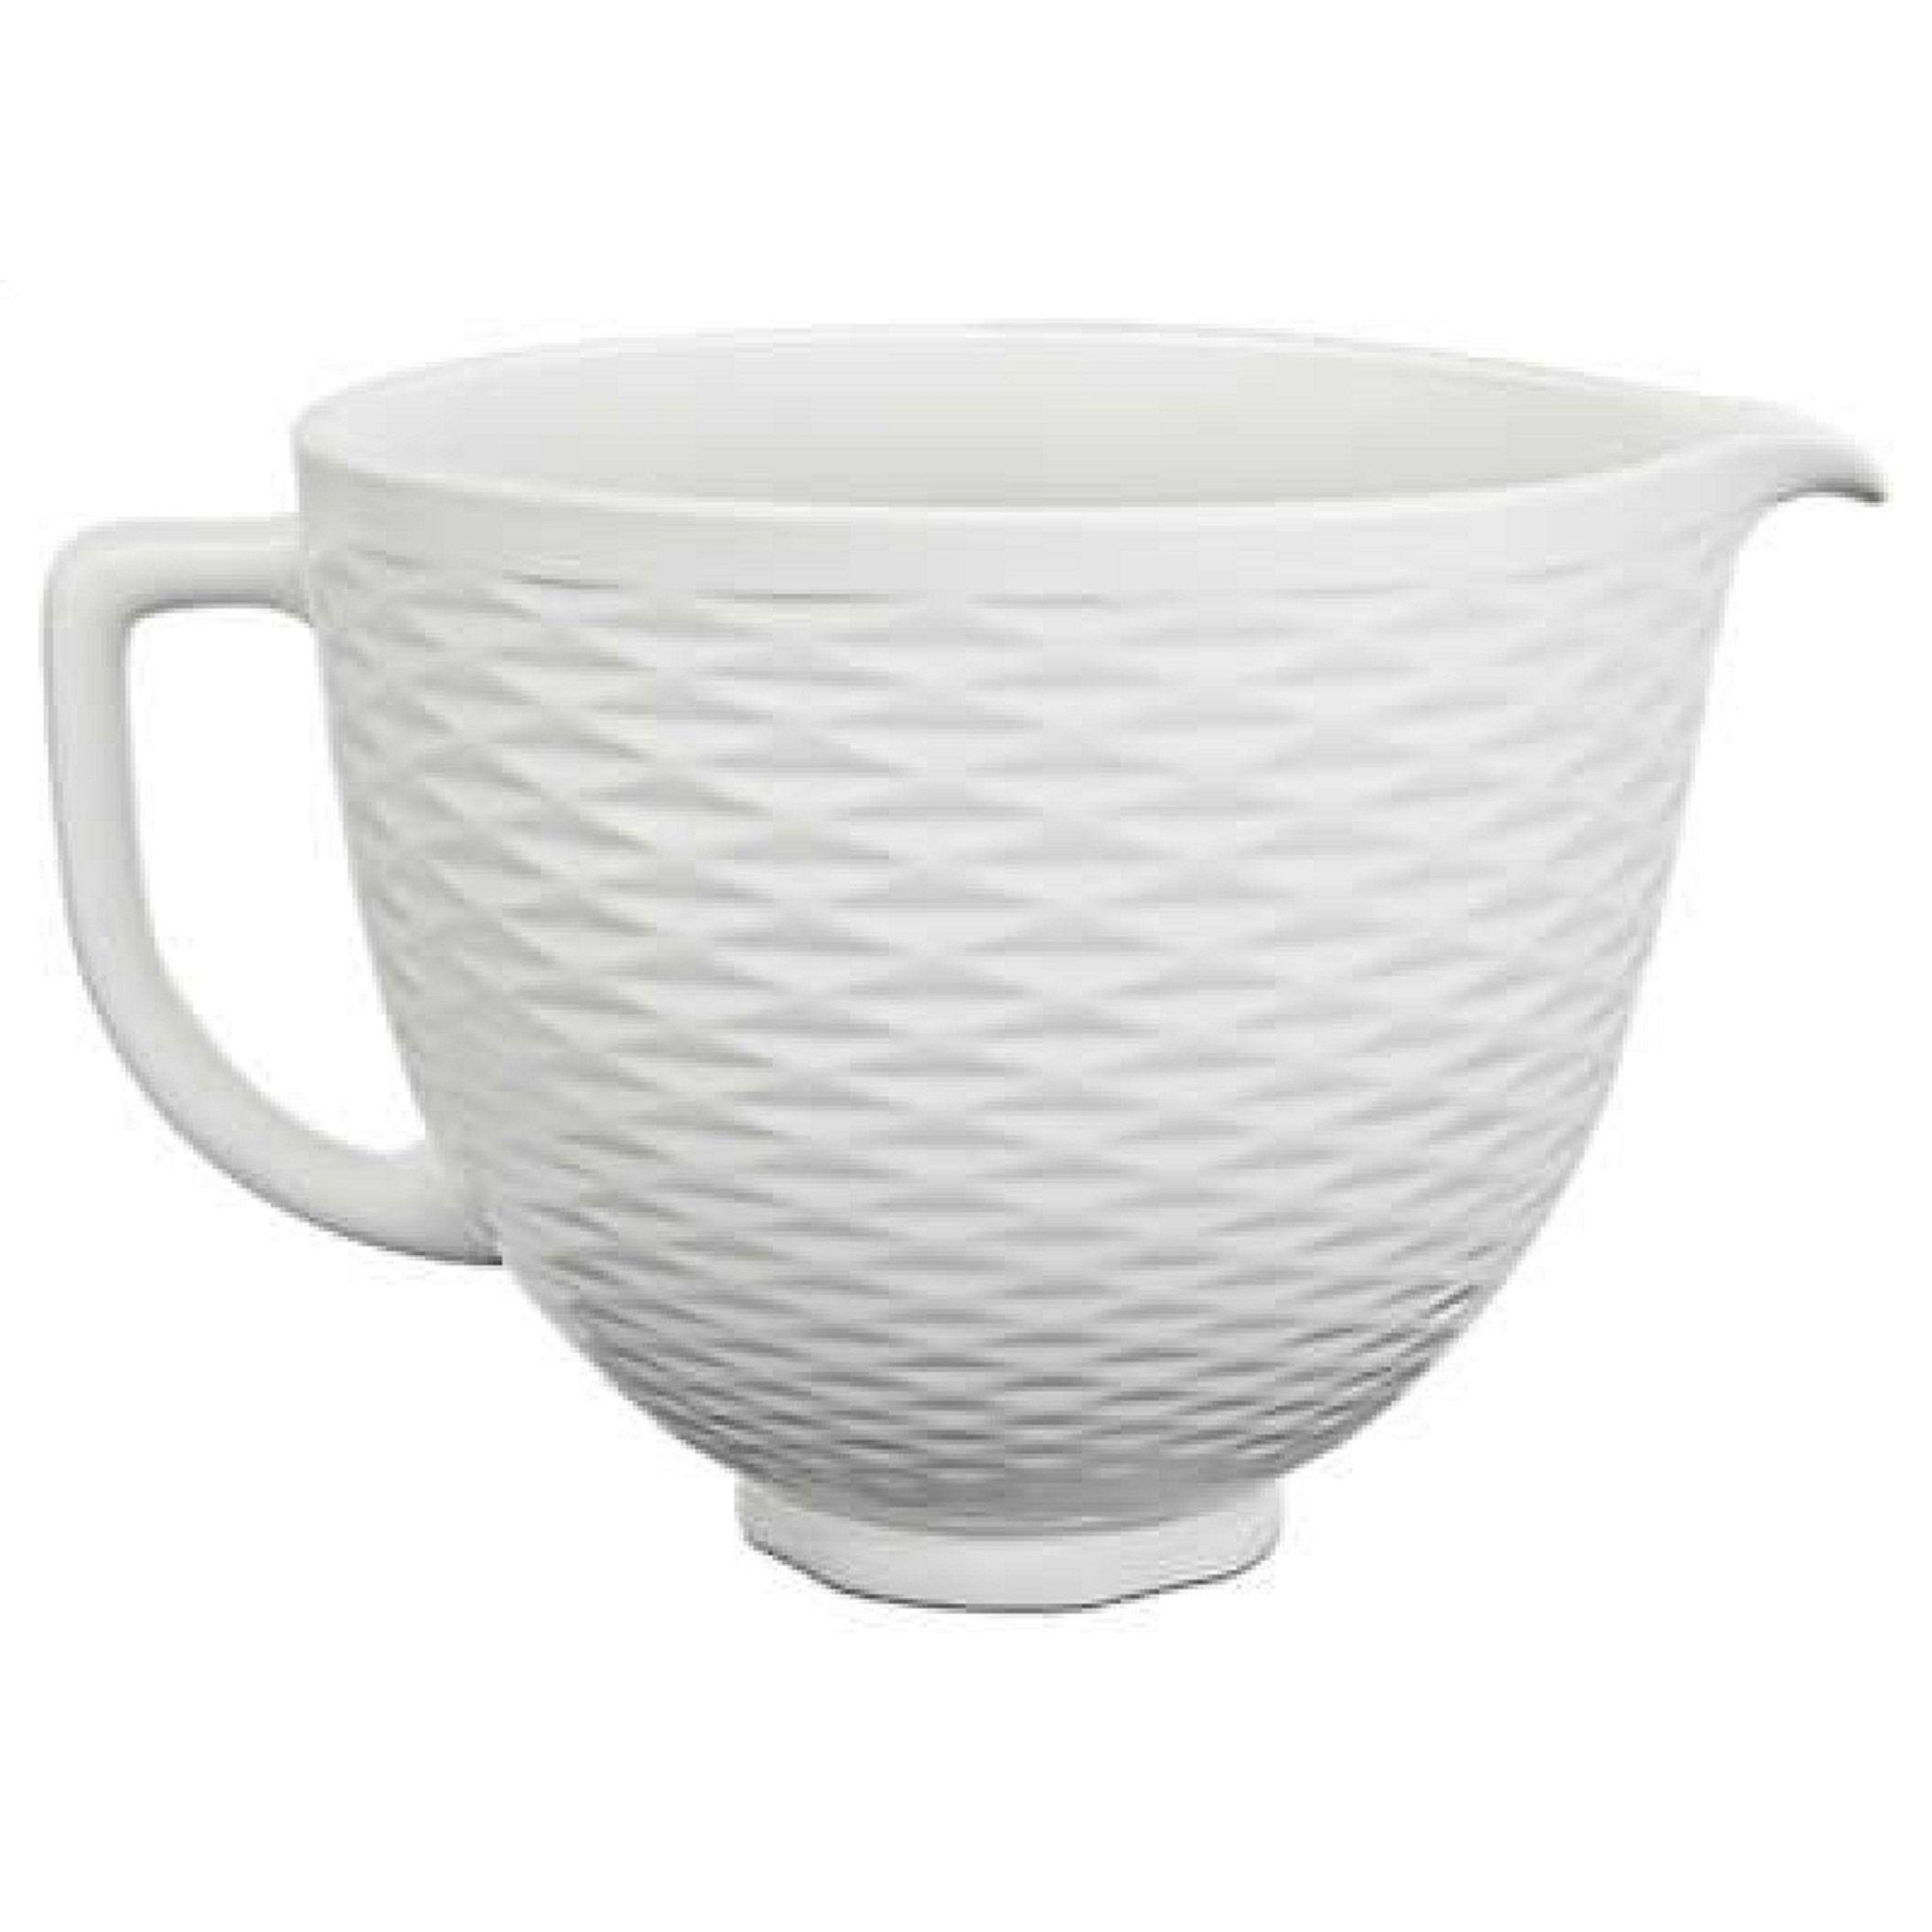 Kitchenaid 5 quart ceramic bowl white ceramic bowls